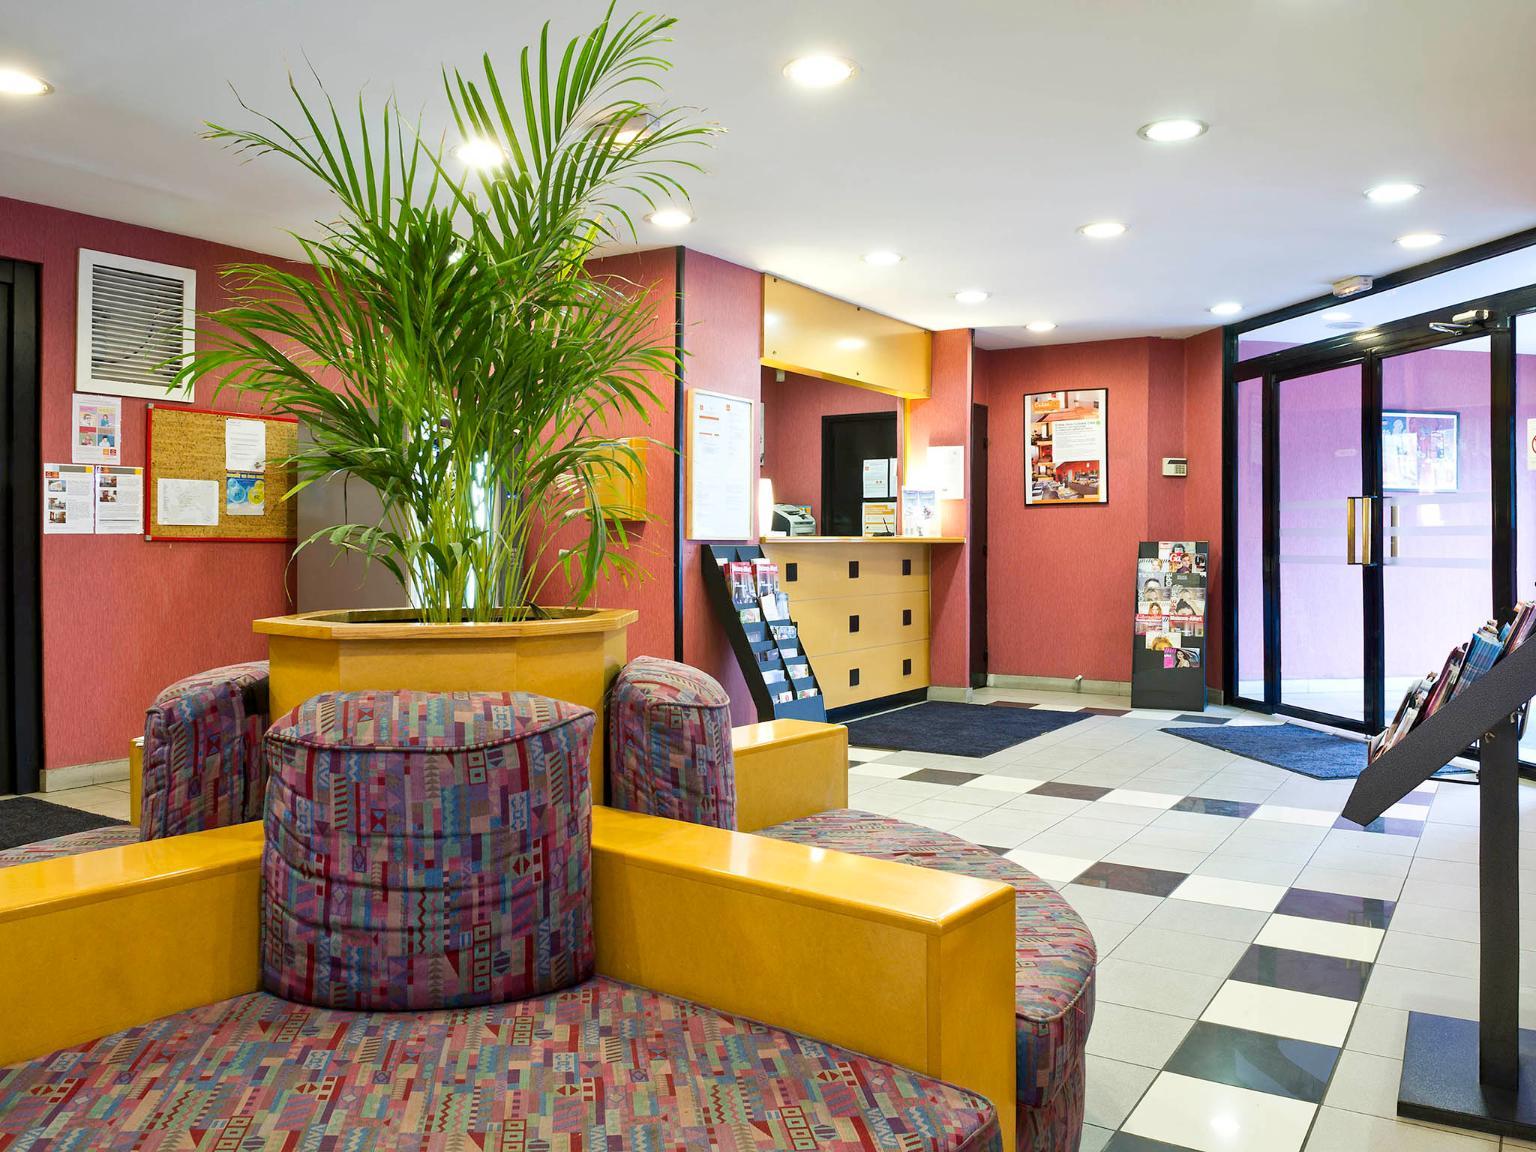 aparthotel adagio access paris maisons alfort h tel 13. Black Bedroom Furniture Sets. Home Design Ideas